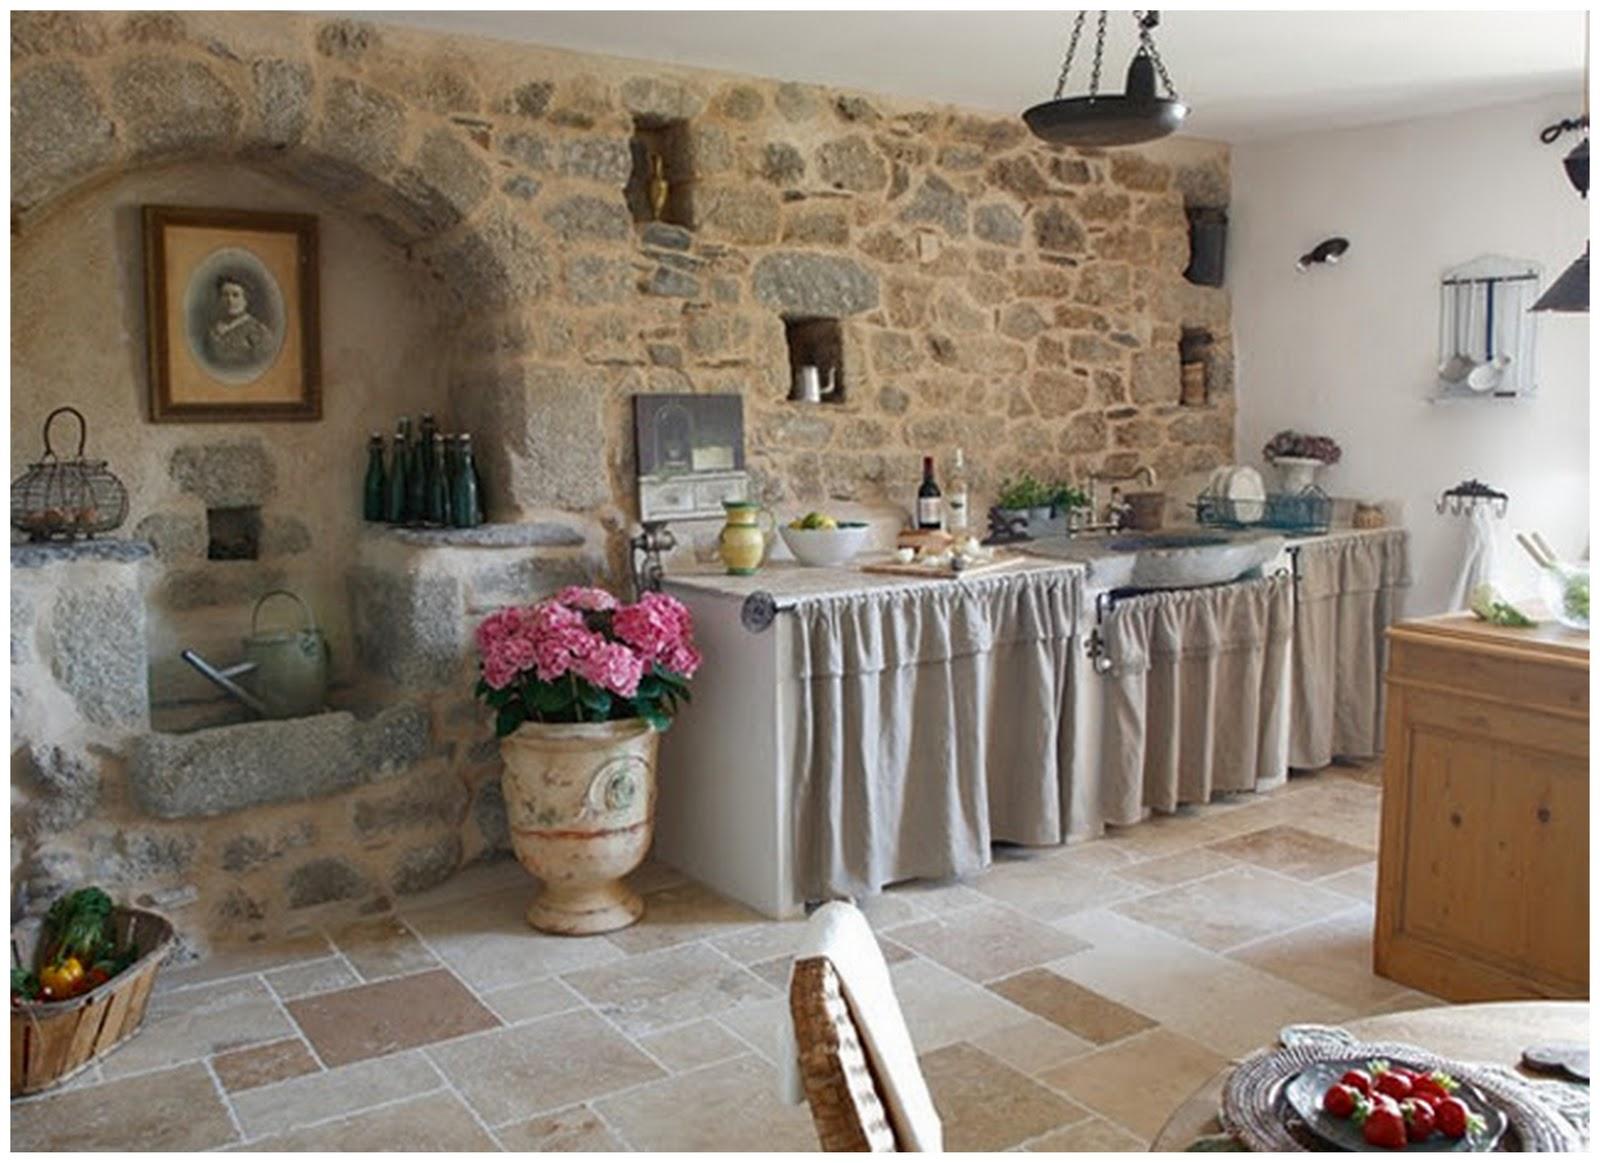 Купить бюджетный дом во франции с ранчо